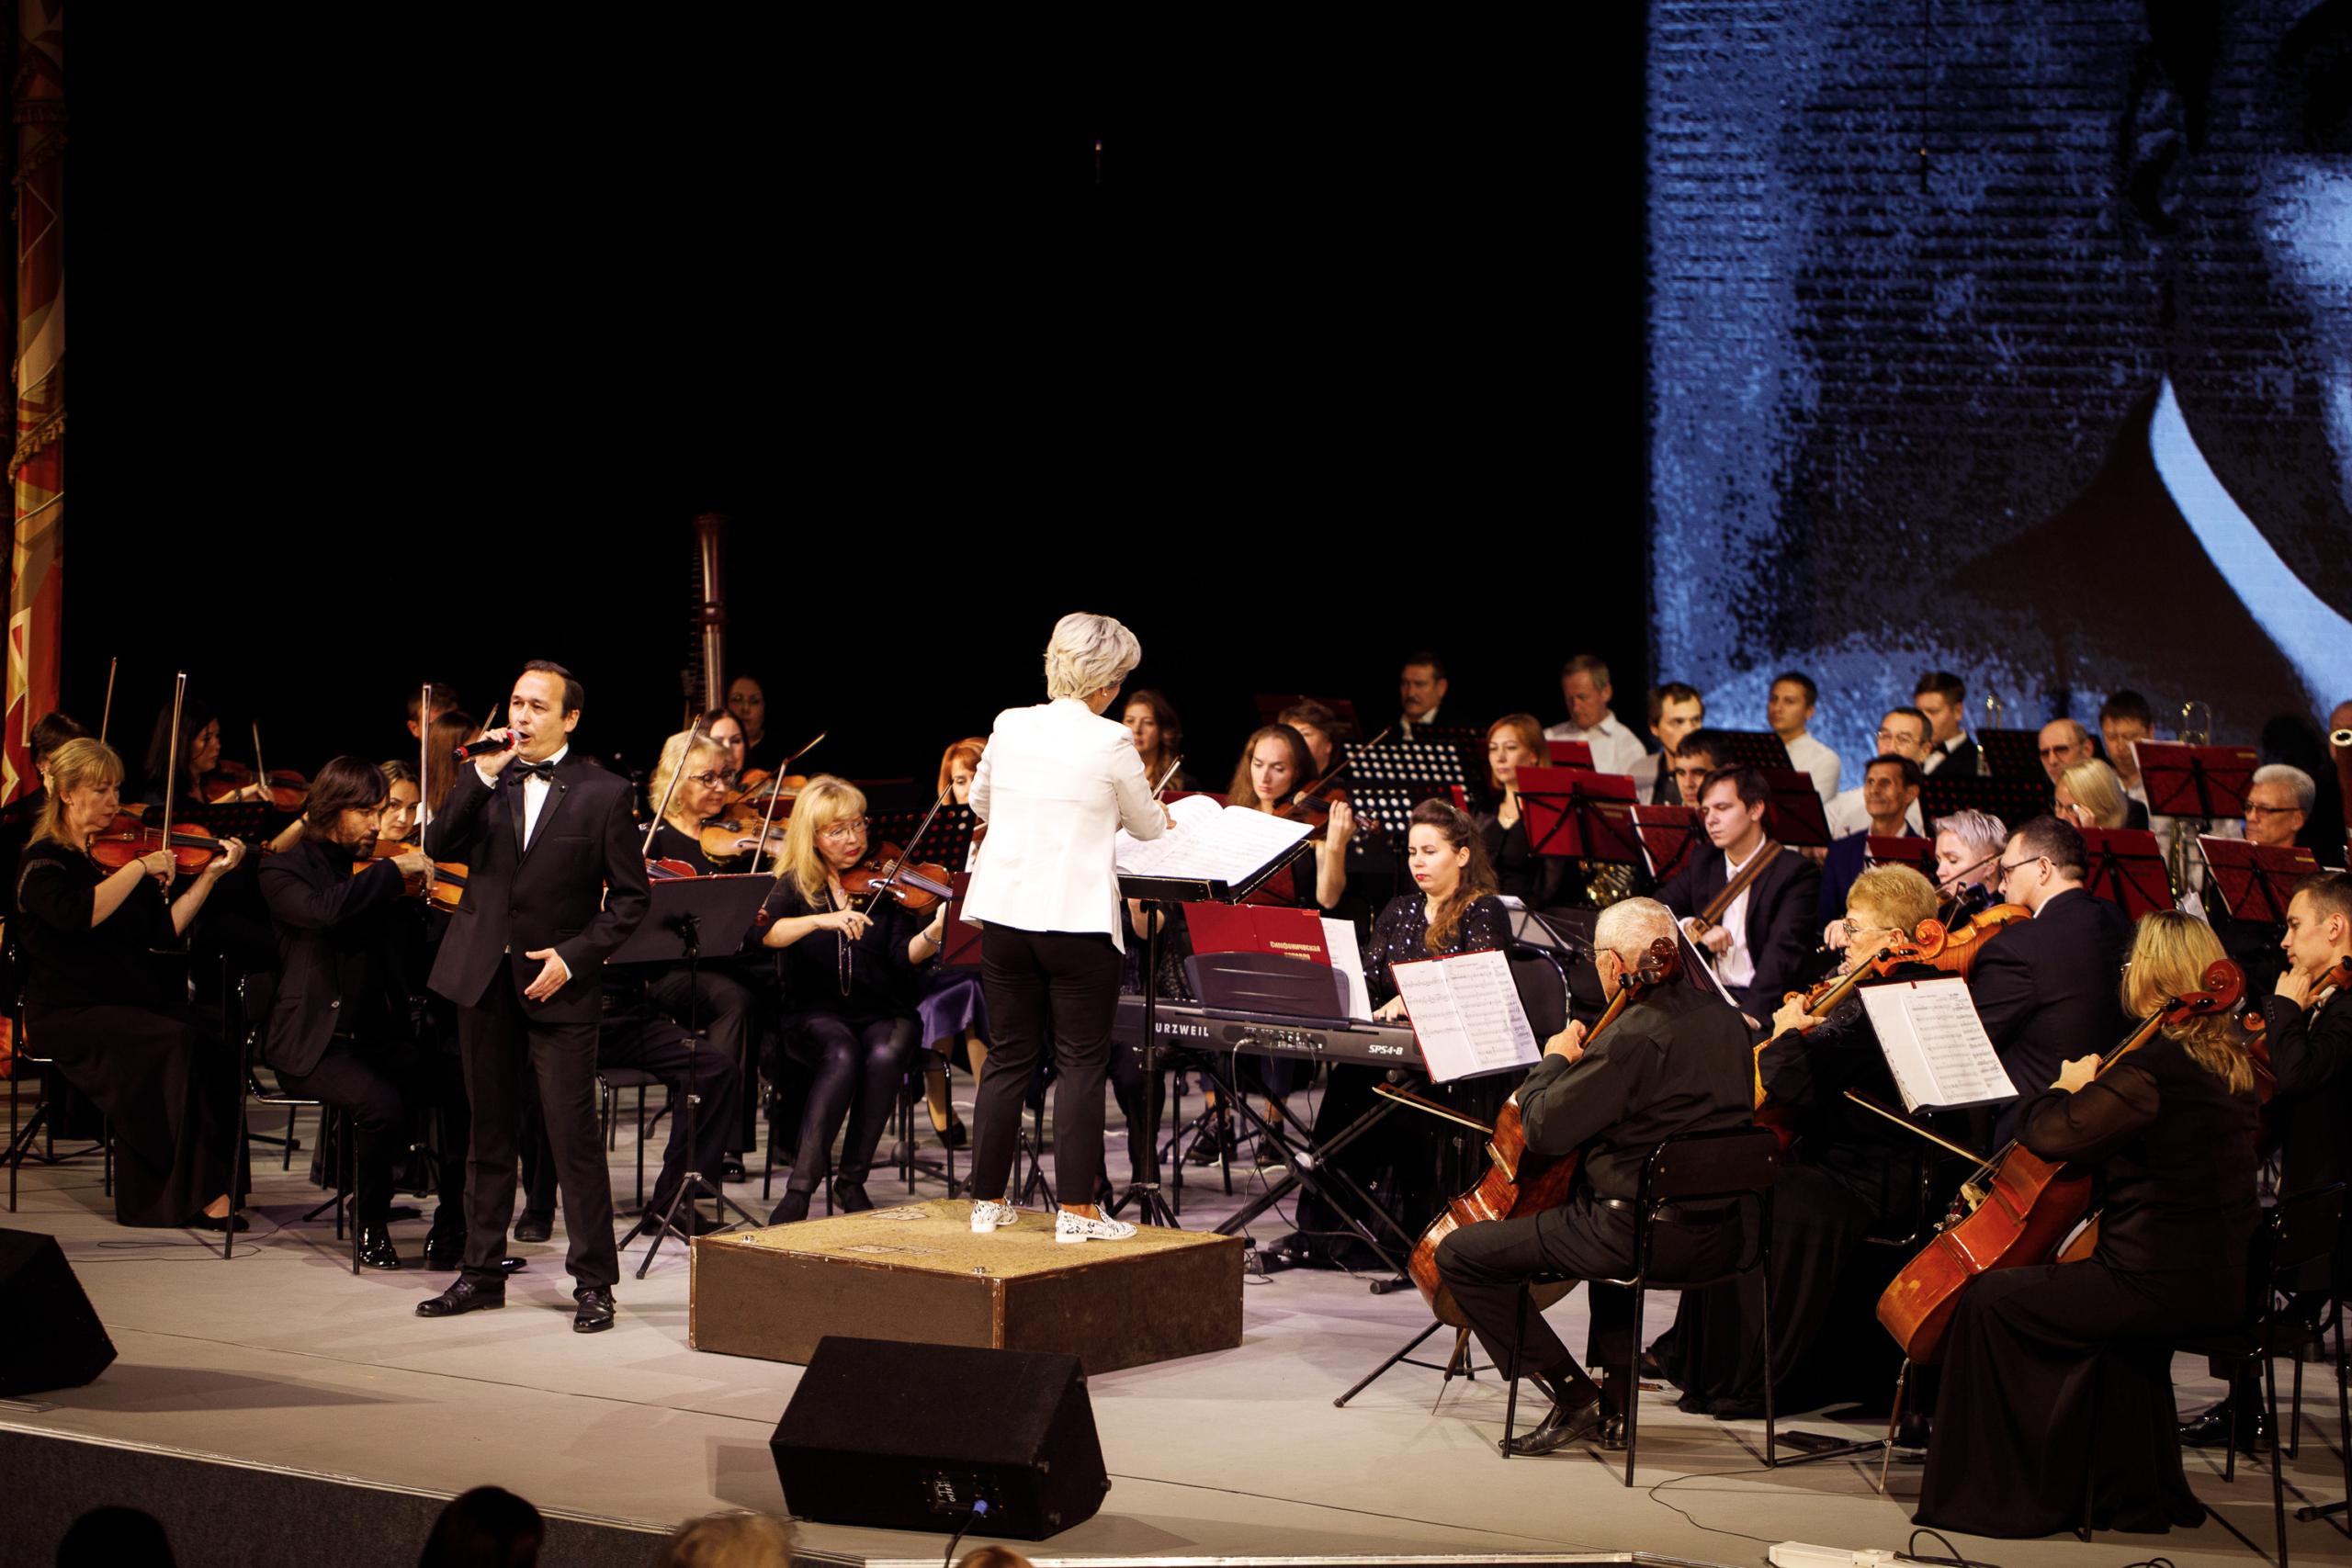 Концерт «Век любви. К 100-летию композитора Арно Бабаджаняна»